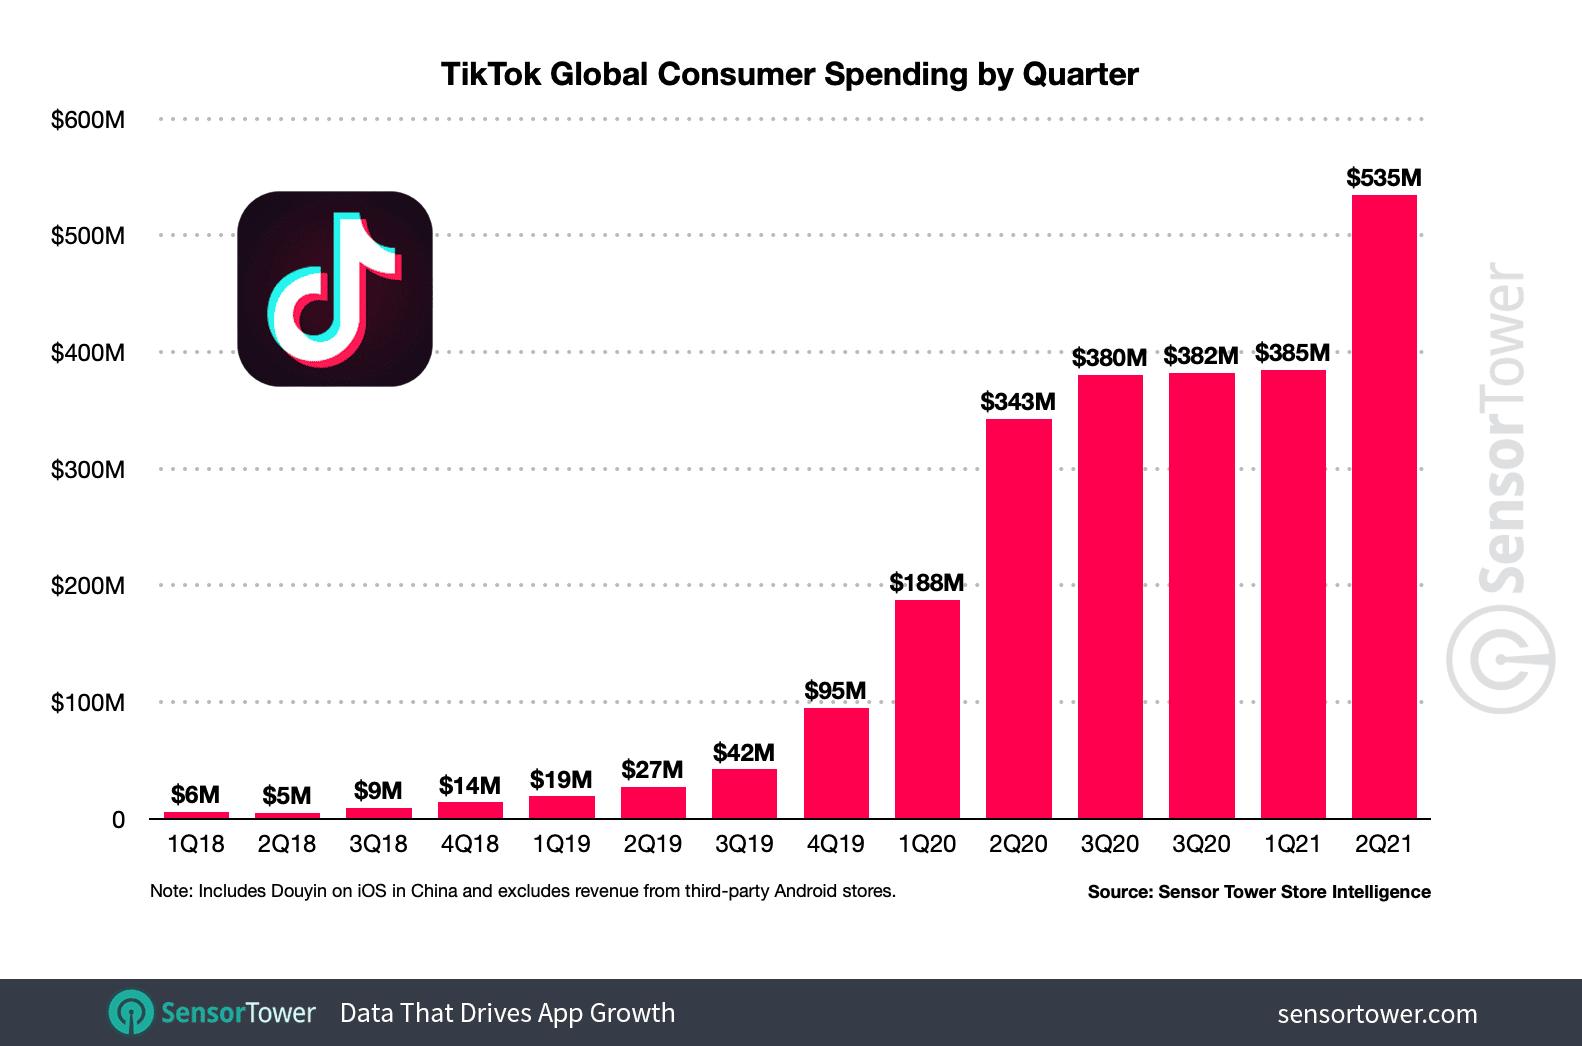 Graphique sur les dépenses des consommateurs sur TikTok.